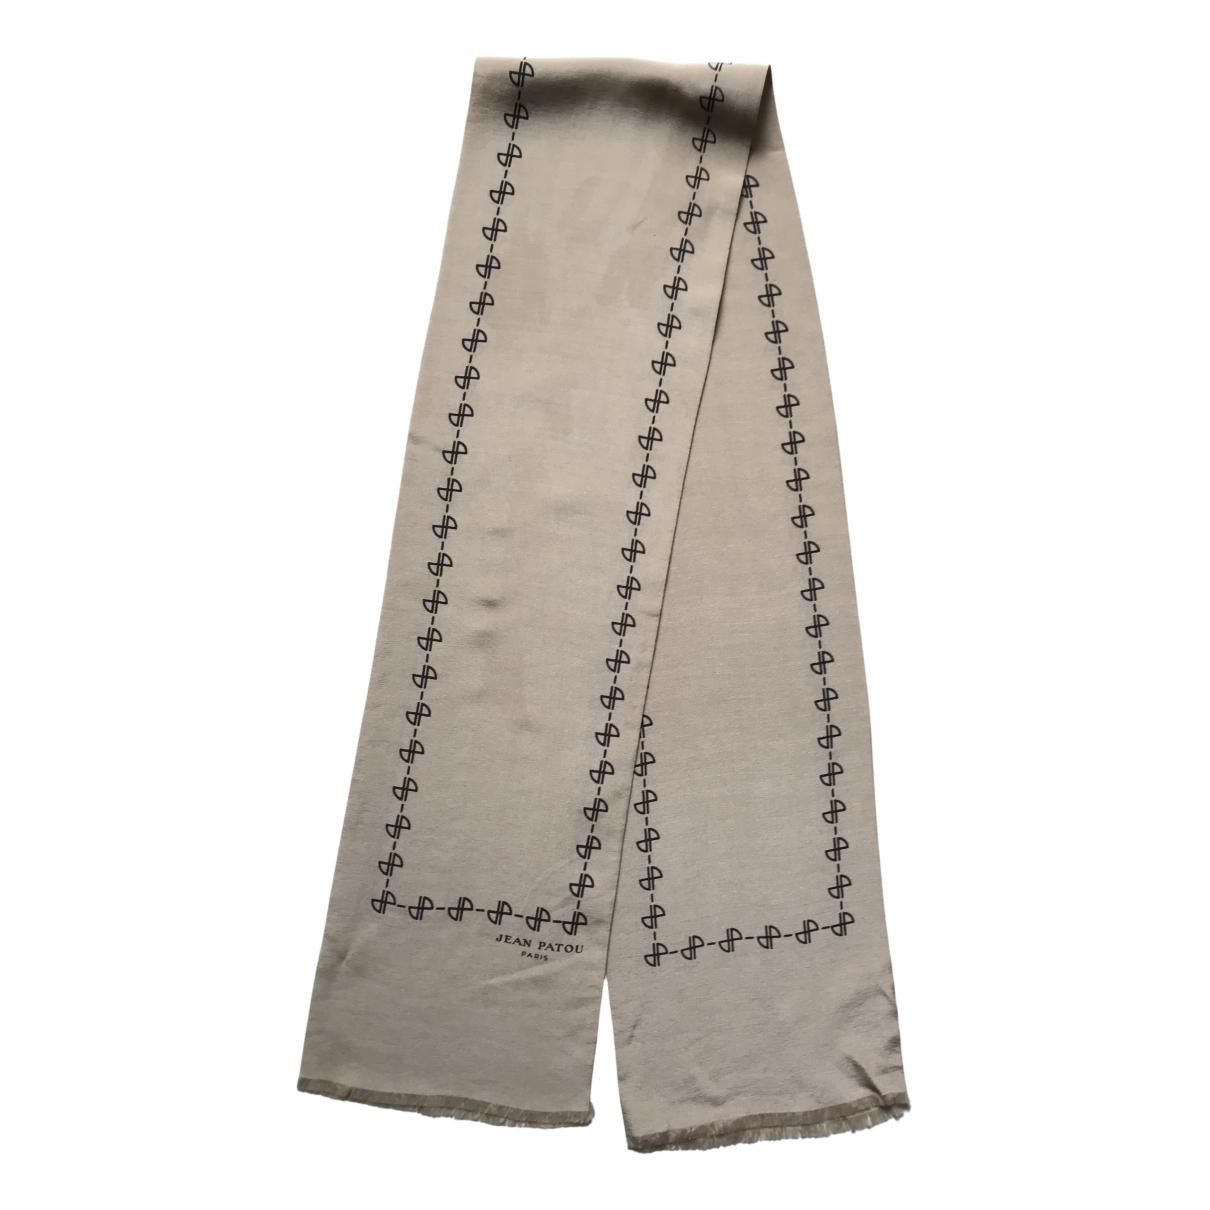 Jean Patou - Foulard   pour femme en soie - beige